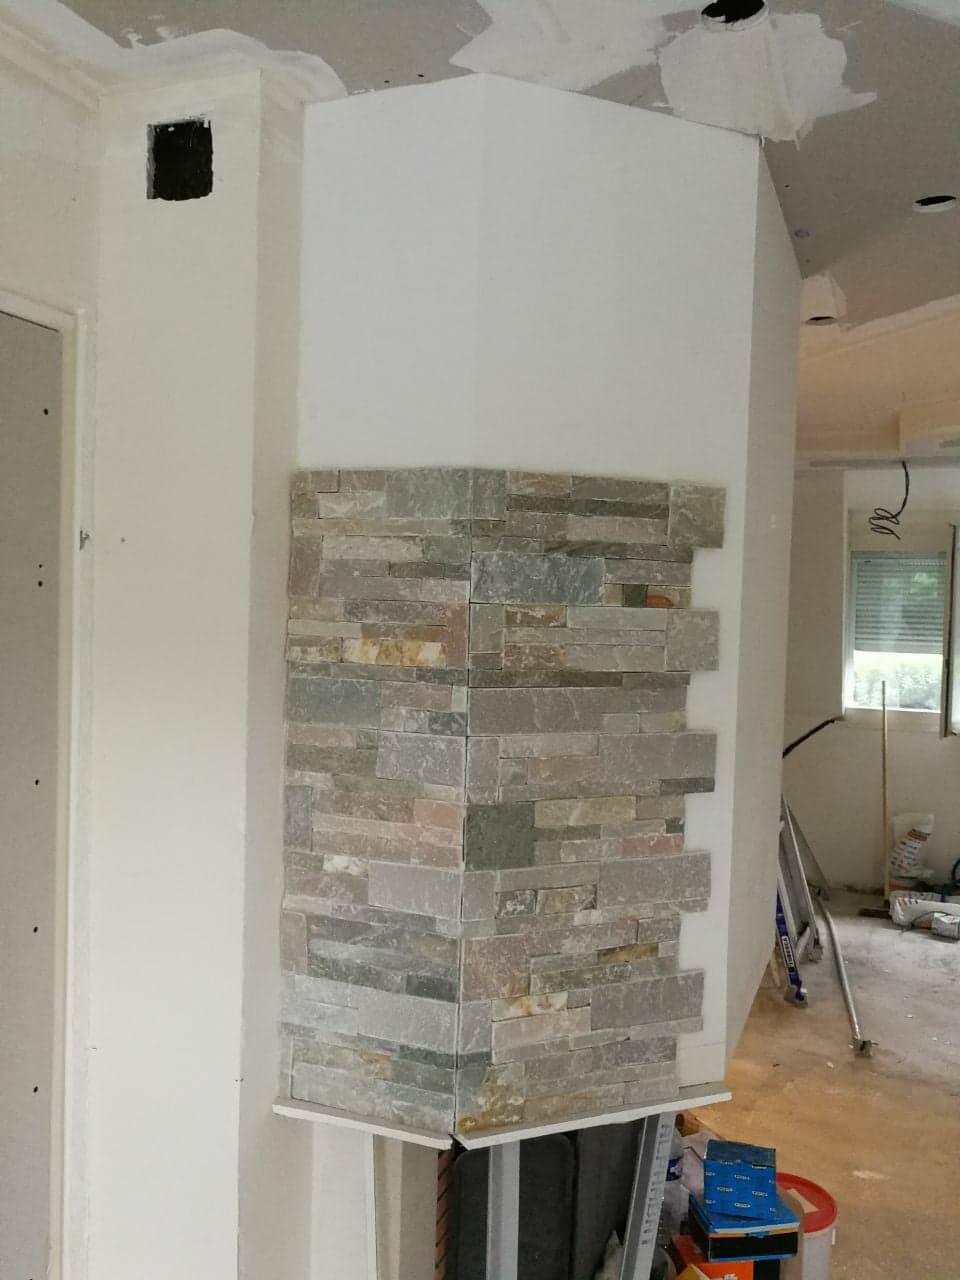 maghawry_renovation_travaux_2018_peinture_murs_wc_cuisine_escalier_toilette_carrelage_faux_plafond_cloisons_bandes_enduit_cheminee_salon01.4-min